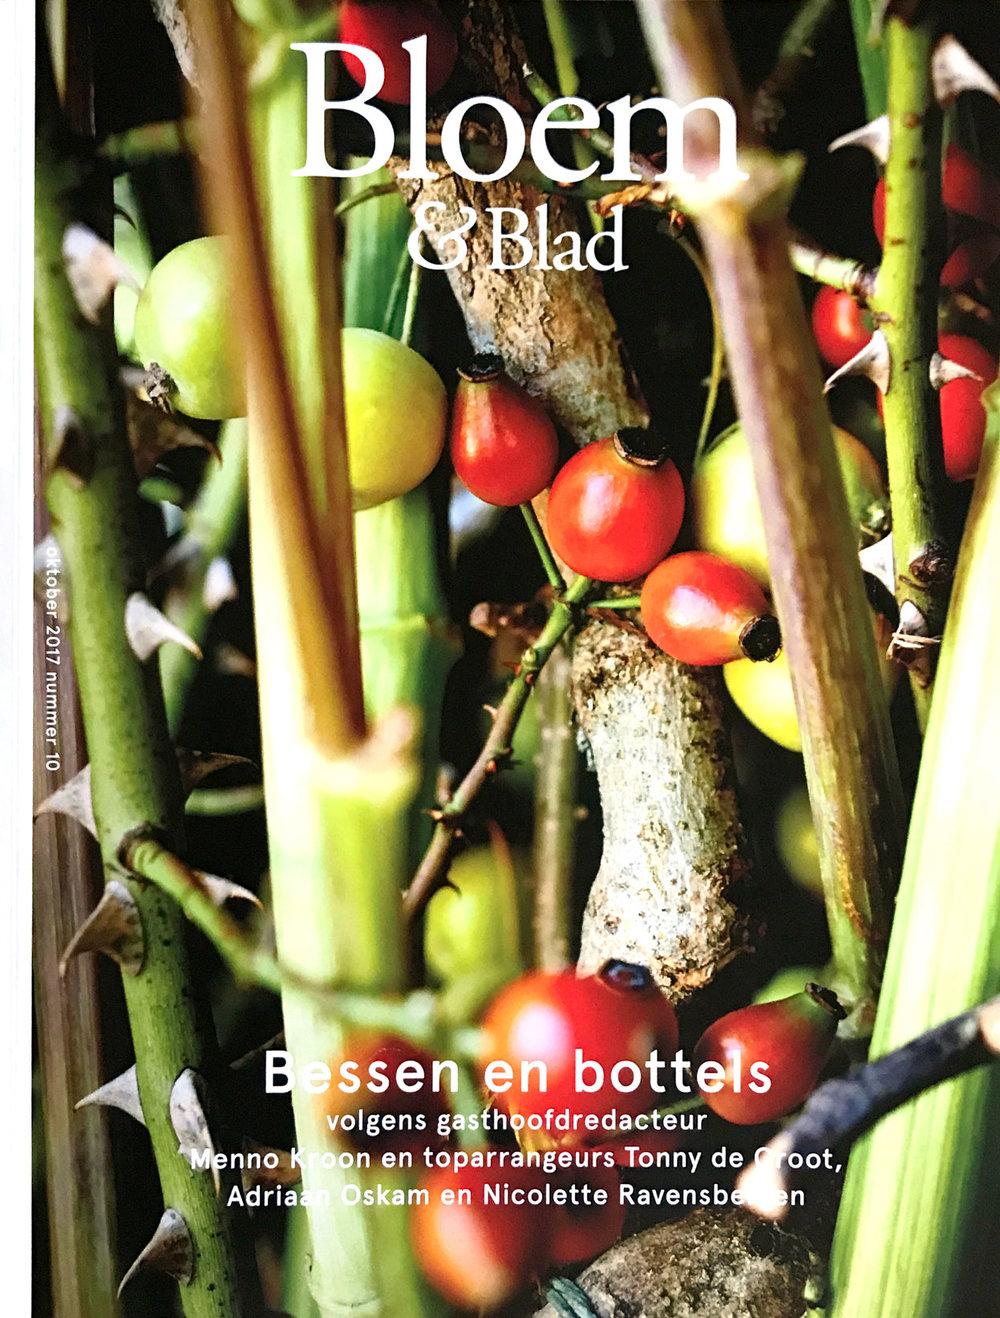 omslag_bloem_en_blad.jpg